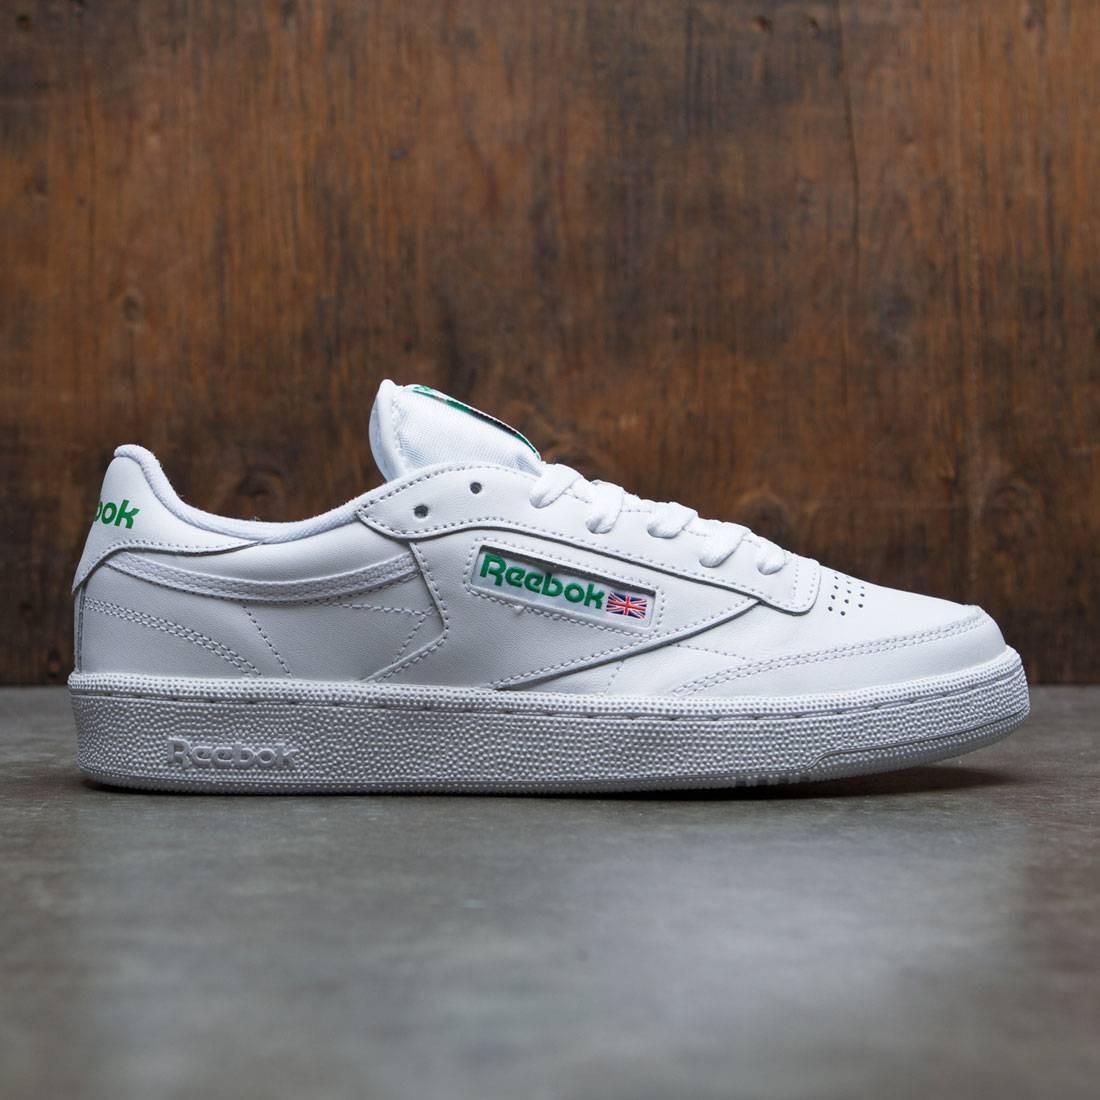 4821de63e61 Reebok Men Club C 85 white green